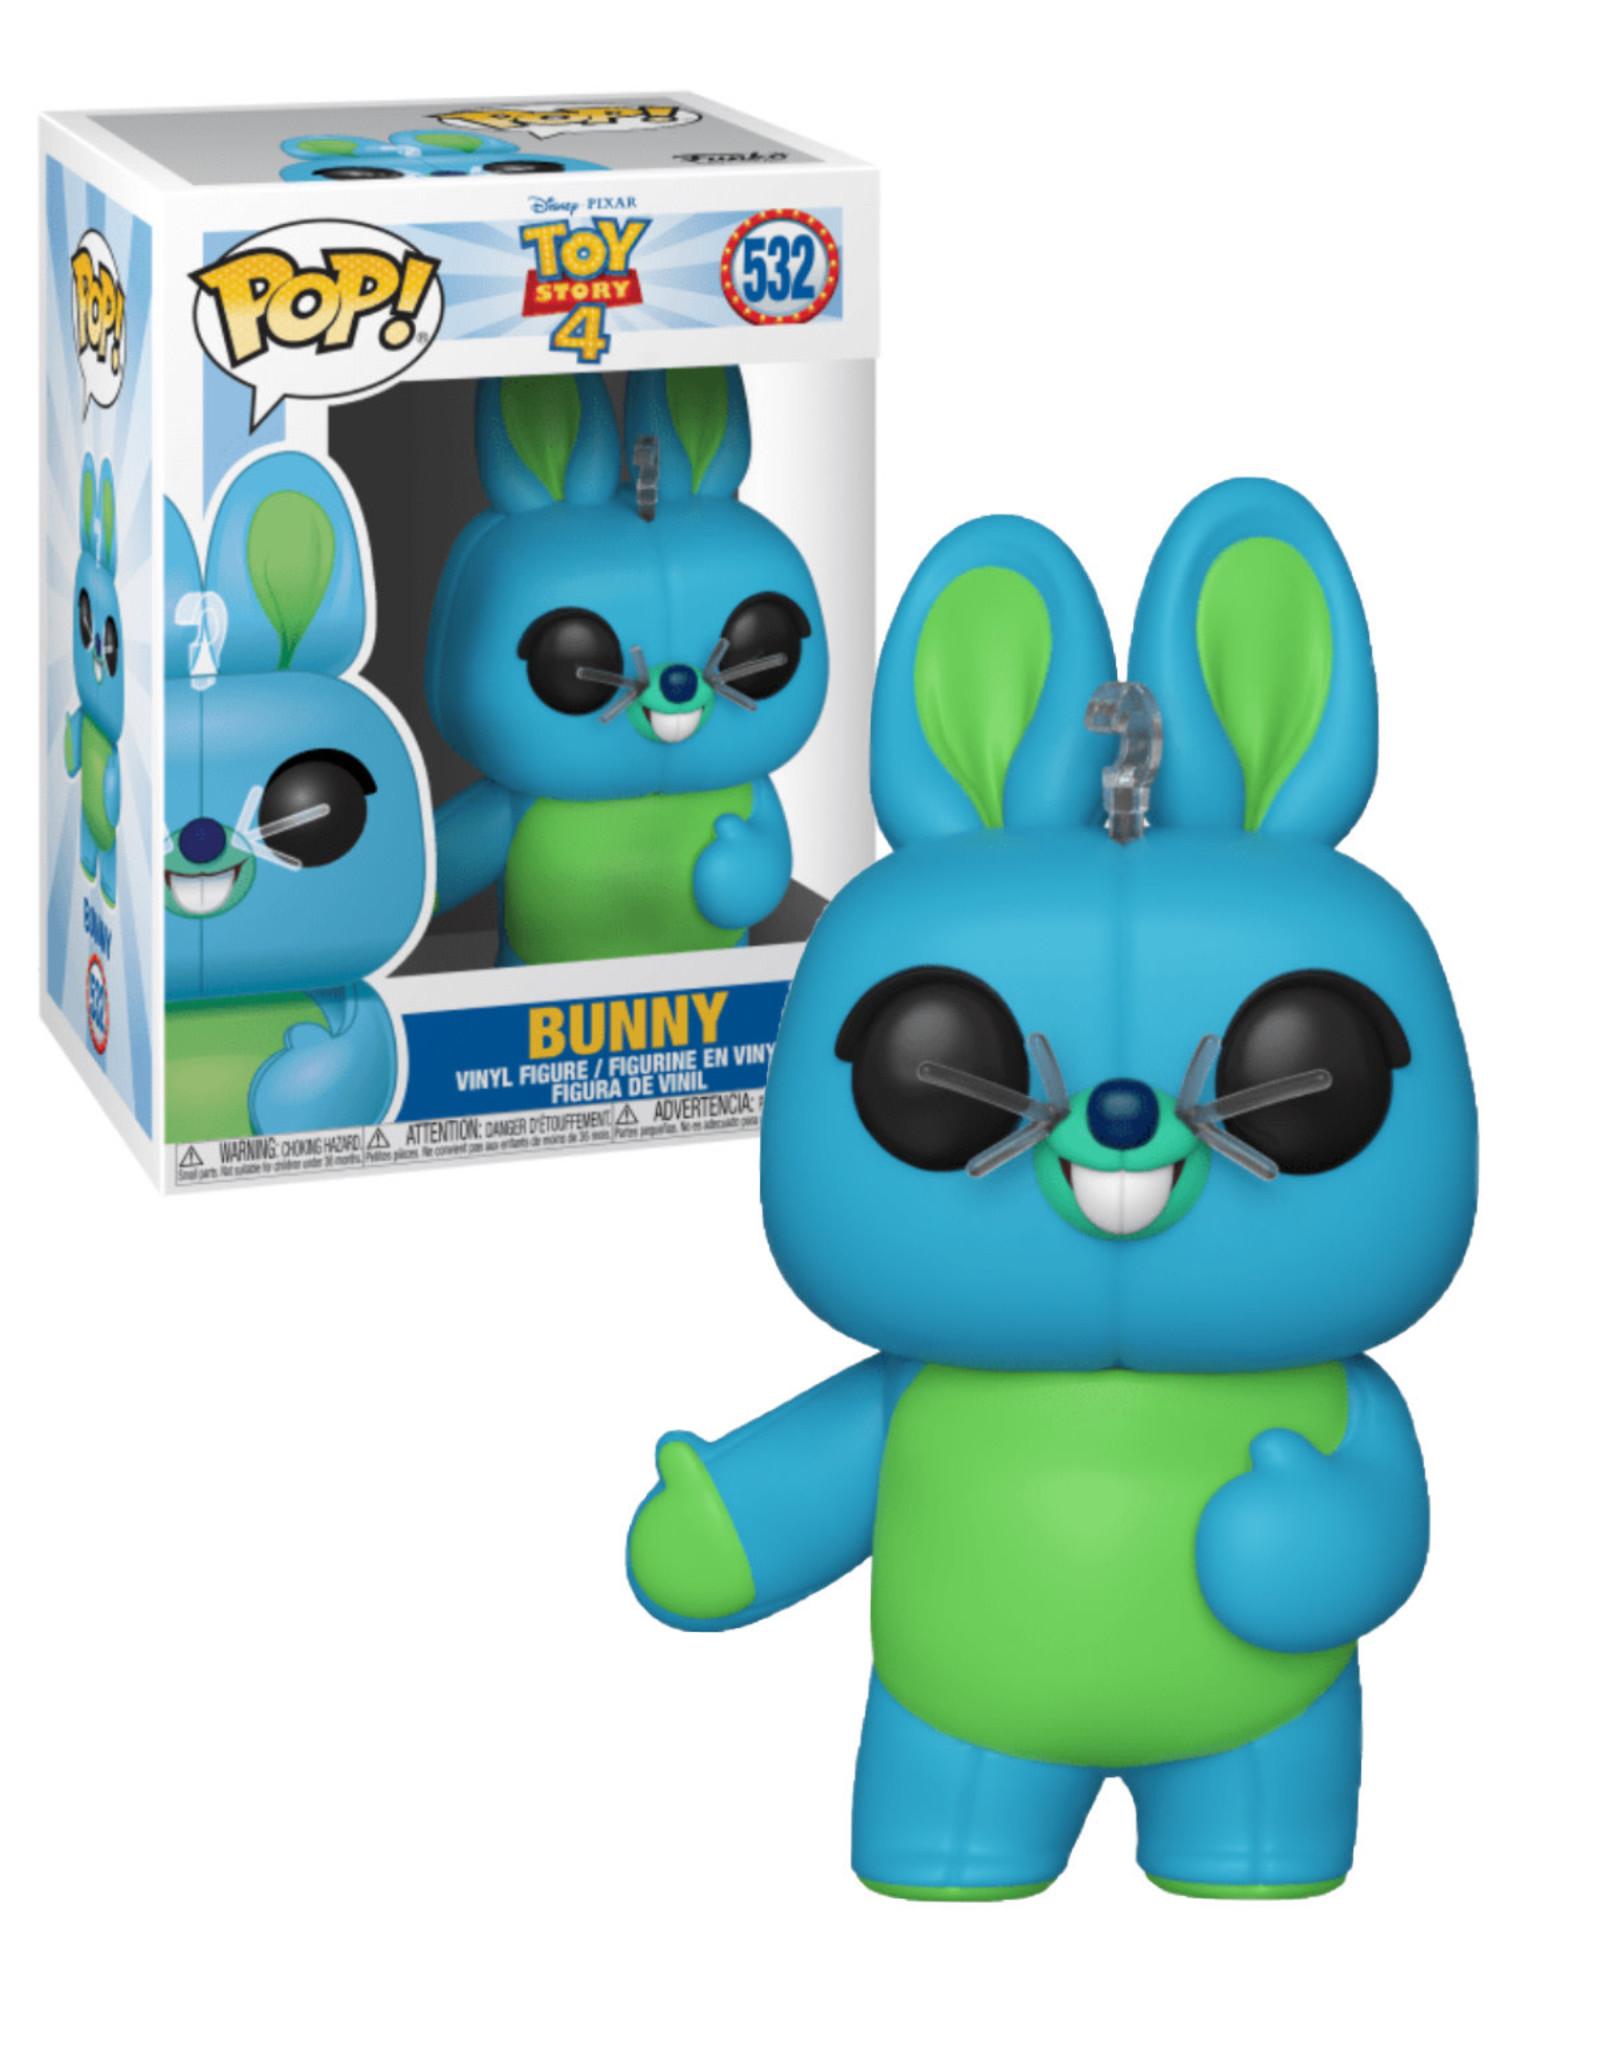 Disney Toy Story Bunny 532 ( Funko Pop )